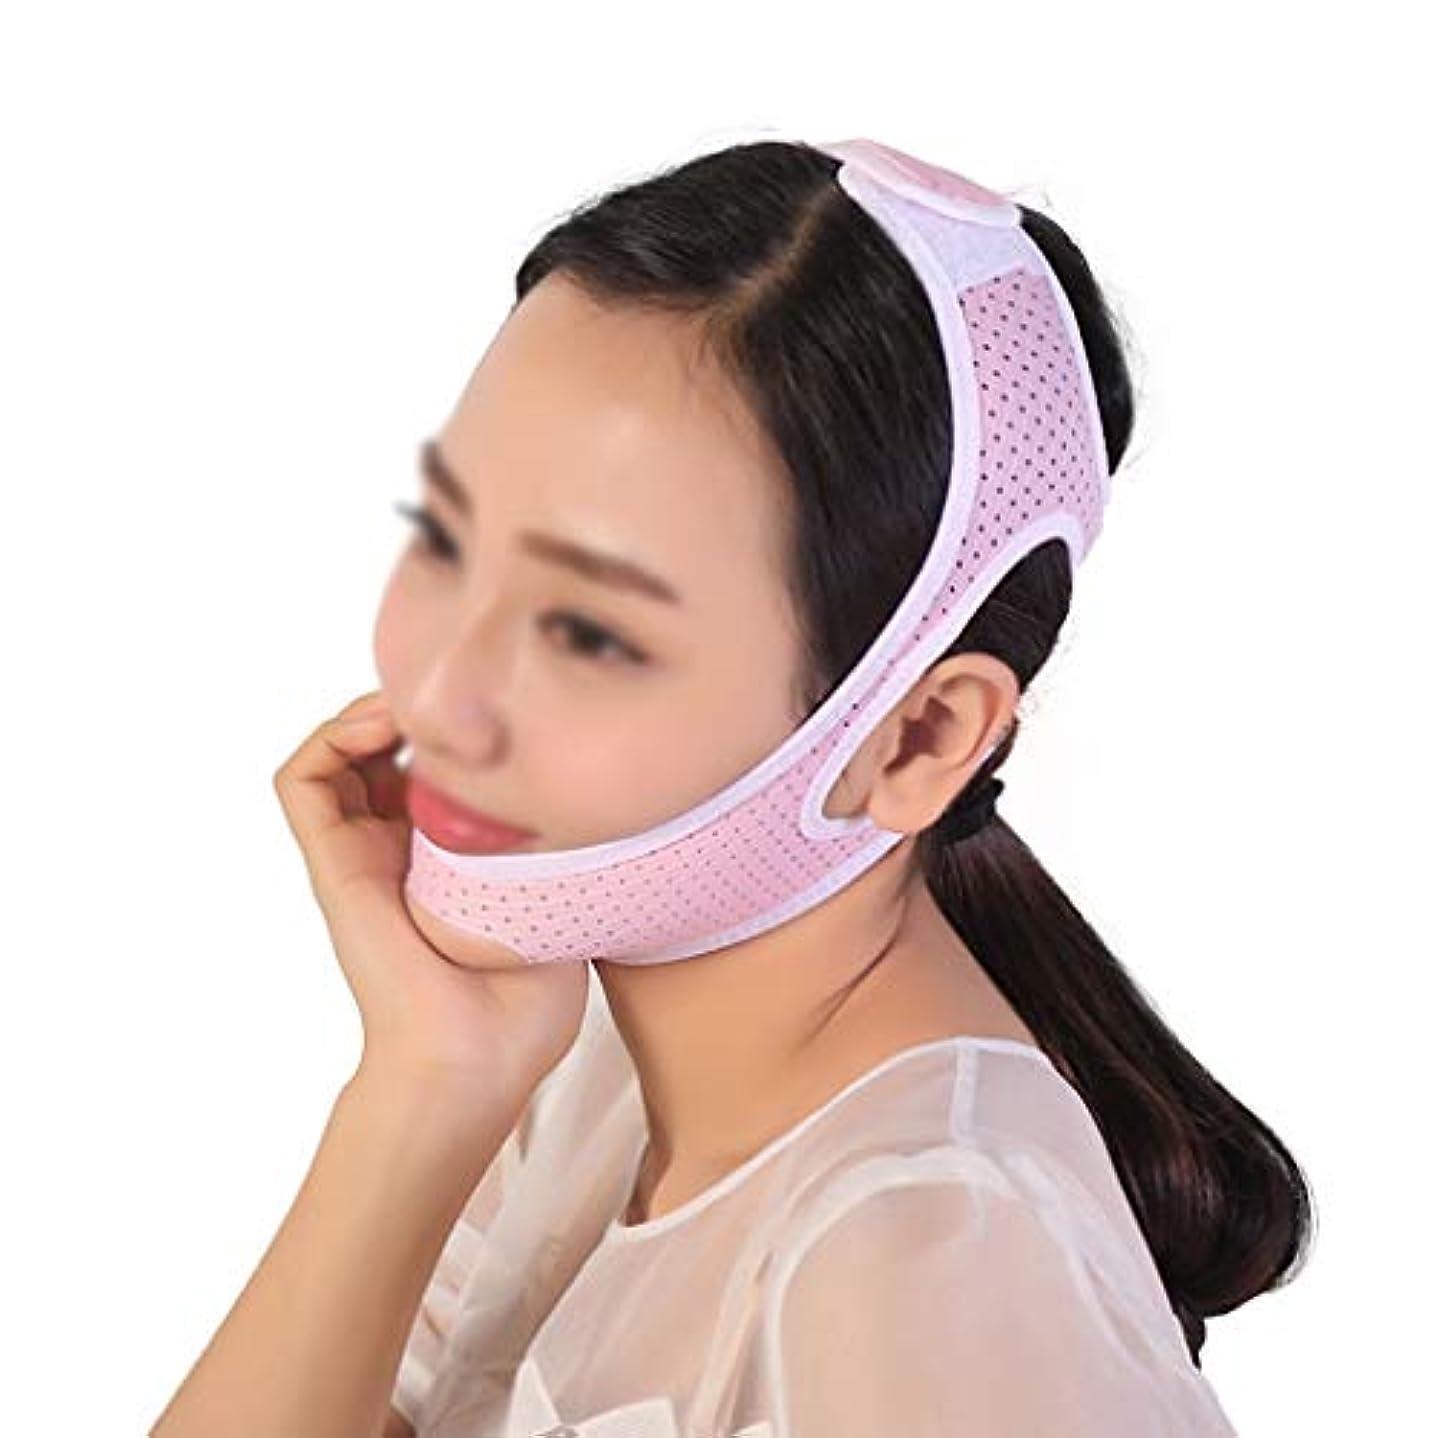 ヘルシーカメラ忌み嫌うXHLMRMJ フェイスリフトマスク、顔の皮膚の首のあごのラインを向上させます、リフトフェイス、シンチークマスク、シンチンチークシンV(ピンク) (Size : L)